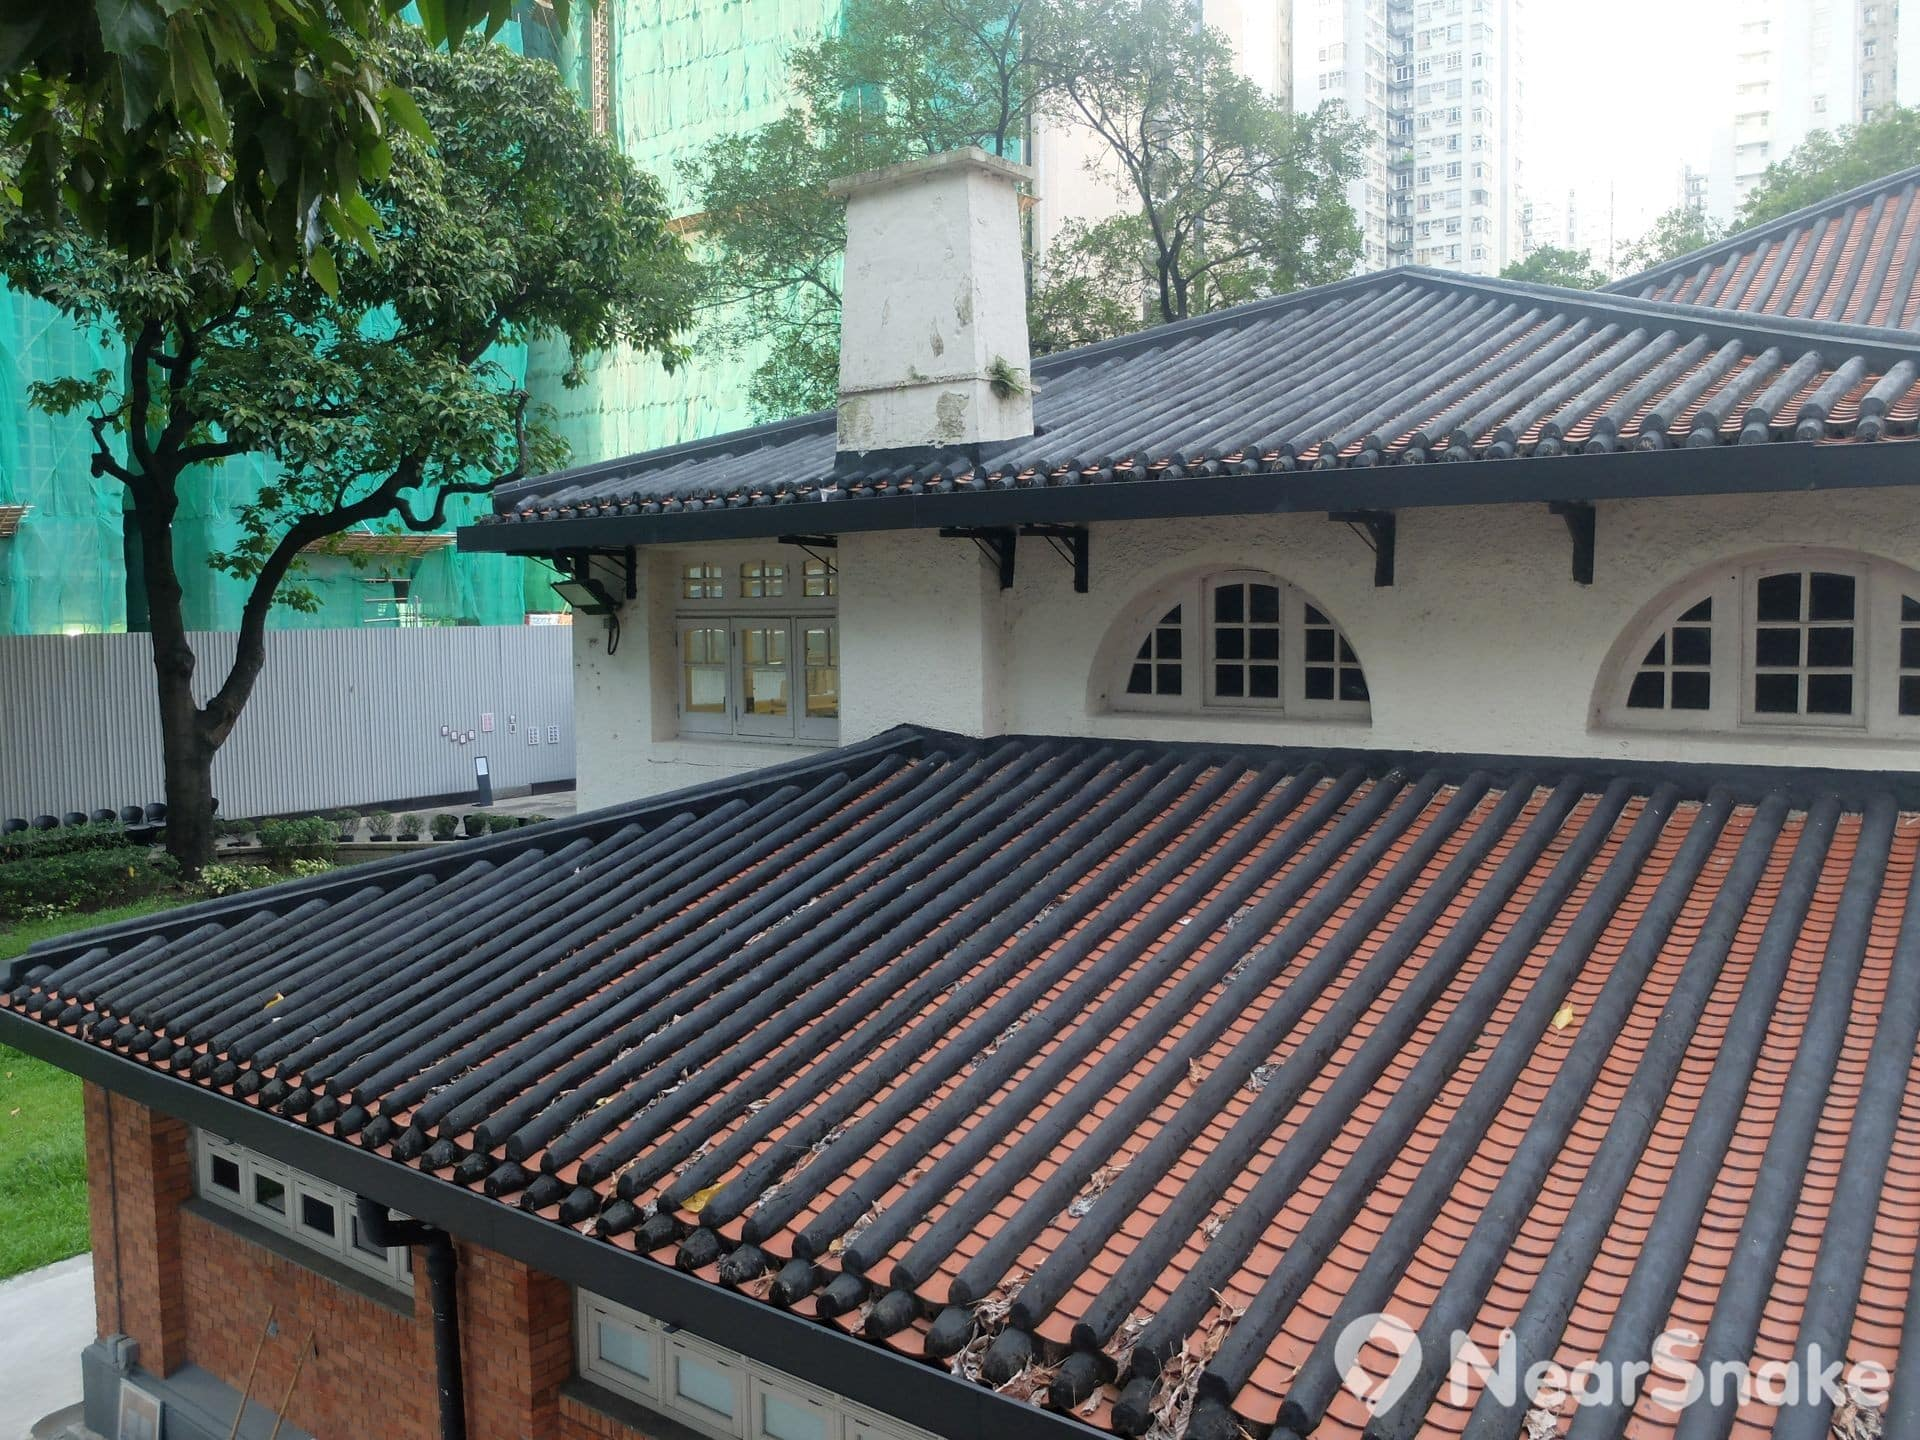 油街實現 Oi! 磚灰瓦的建築外形,配以木造窗框,是一種中西文化合壁的風格,在 20 世紀初的華洋建築中很常見,惟保留至今又結構完整的已經不多了。